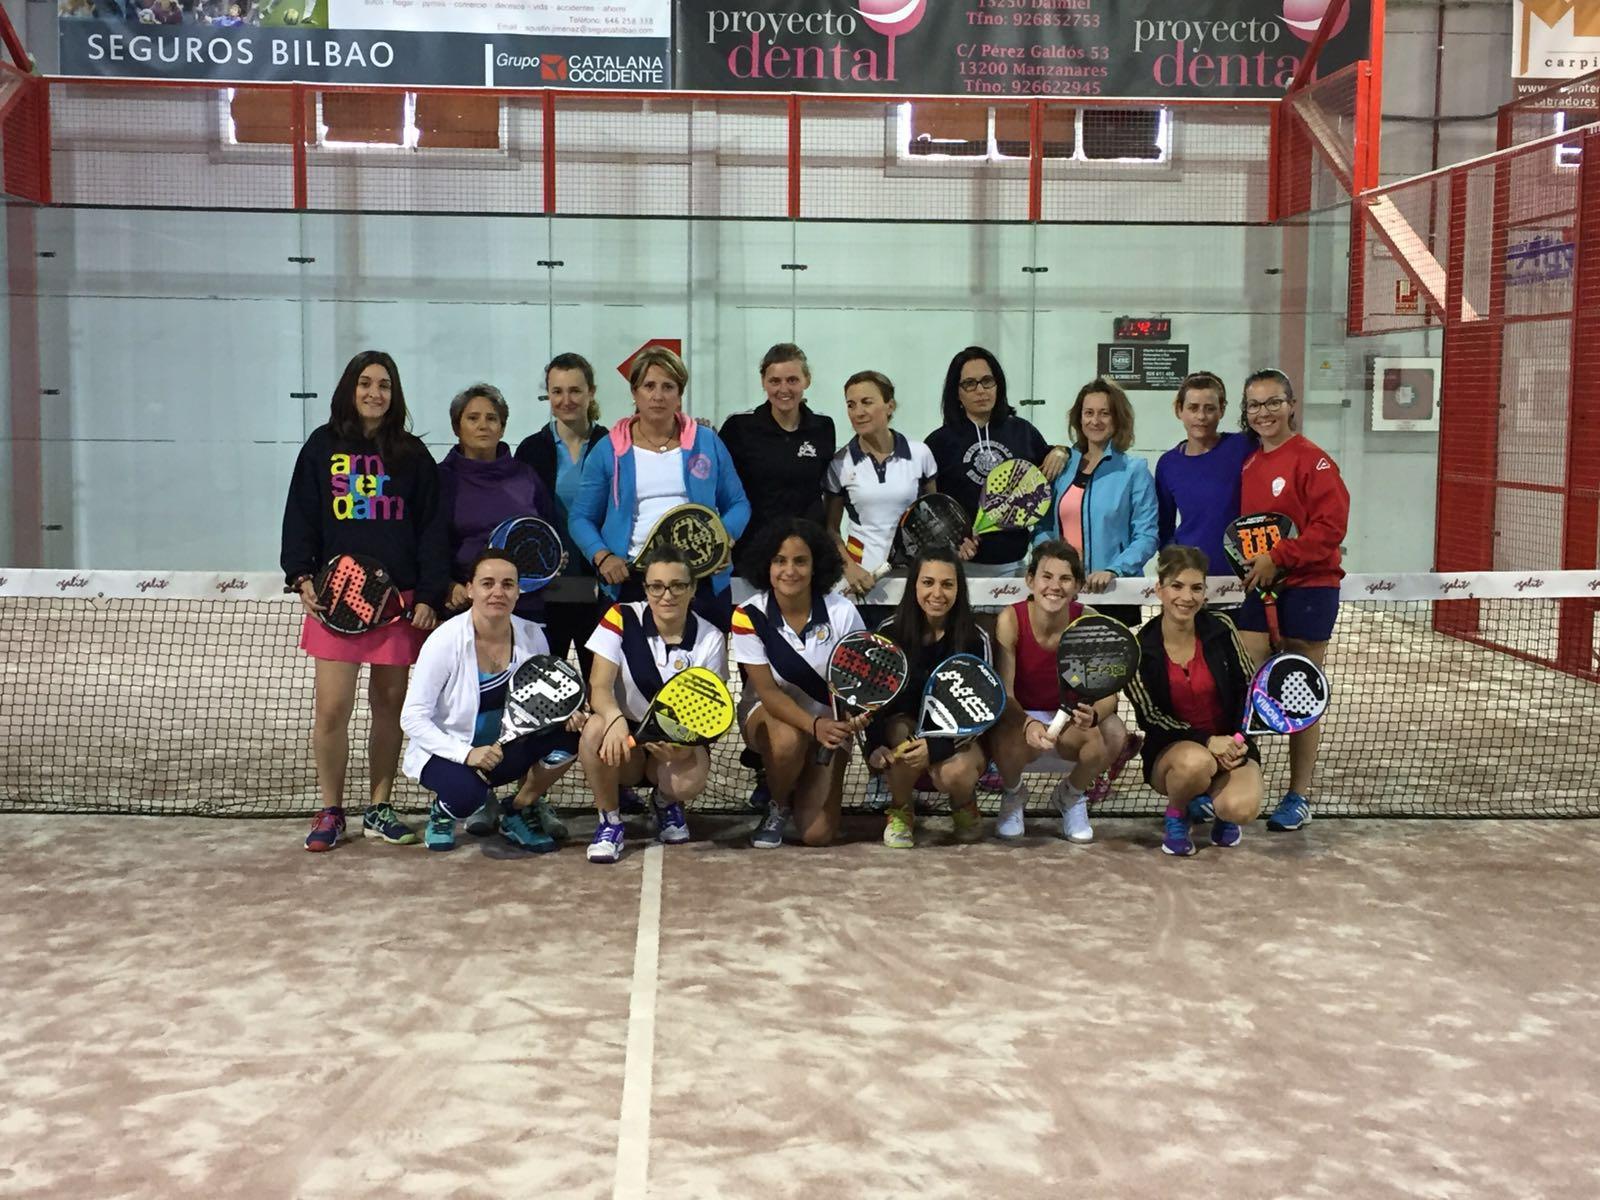 Americano y convivencia en el Club de Padel Membrilla-Manzanares